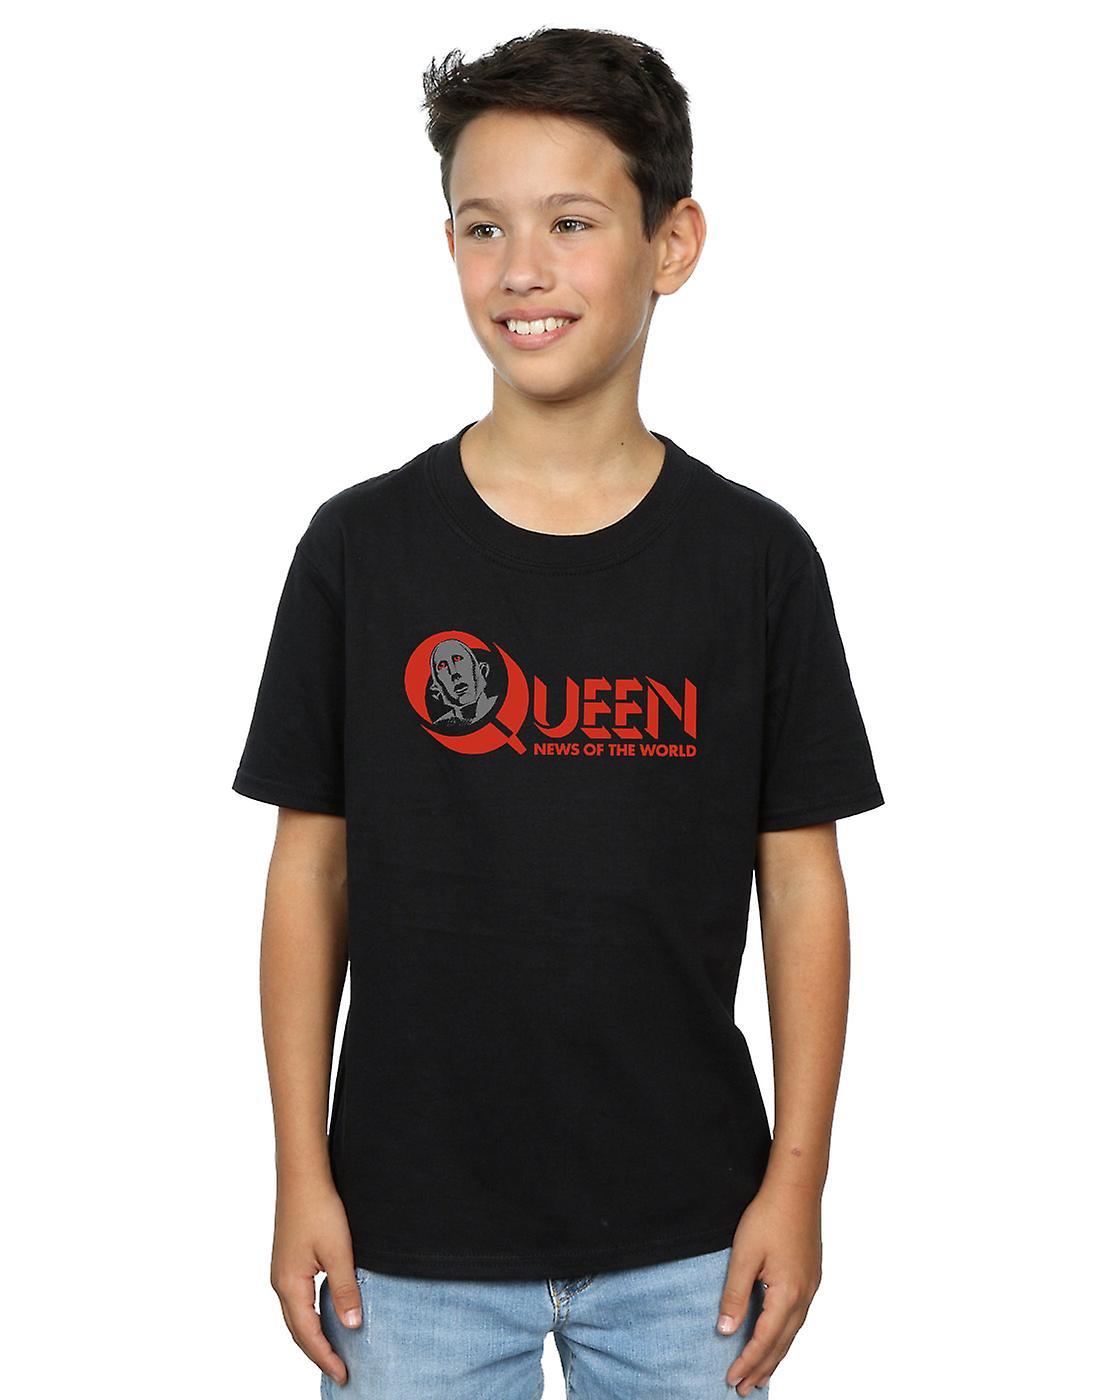 Queen Boys News Of The World Logo T-Shirt